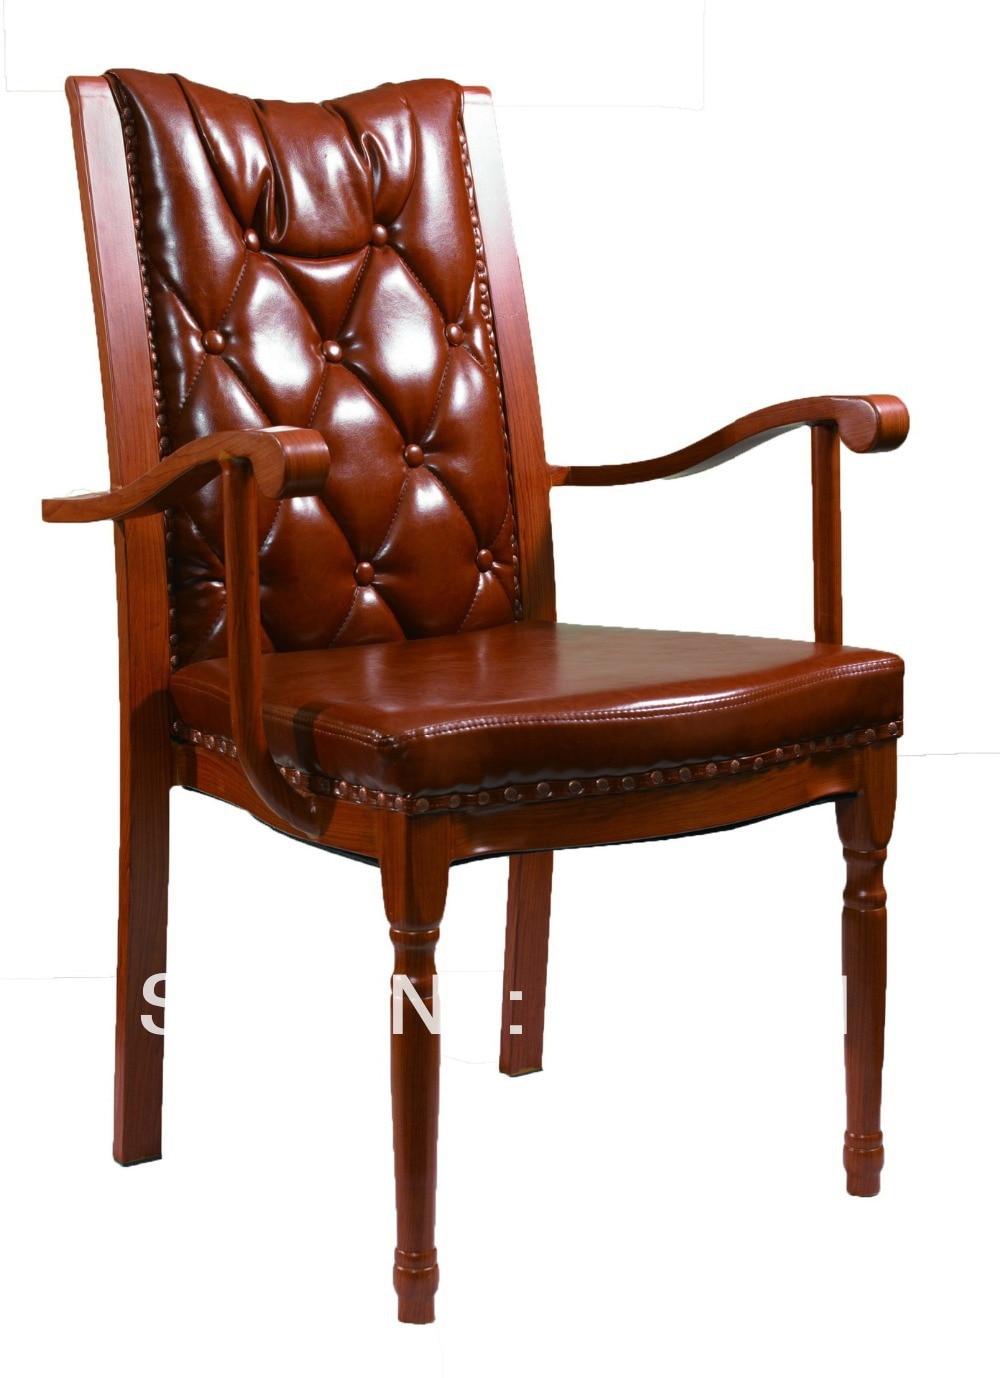 كرسي طعام من الألومنيوم المقلد من الخشب القابل للتكديس ، كرسي بذراعين فاخر من الألومنيوم المقلد ، قماش شديد التحمل مع مقاومة فرك عالية ، مريح